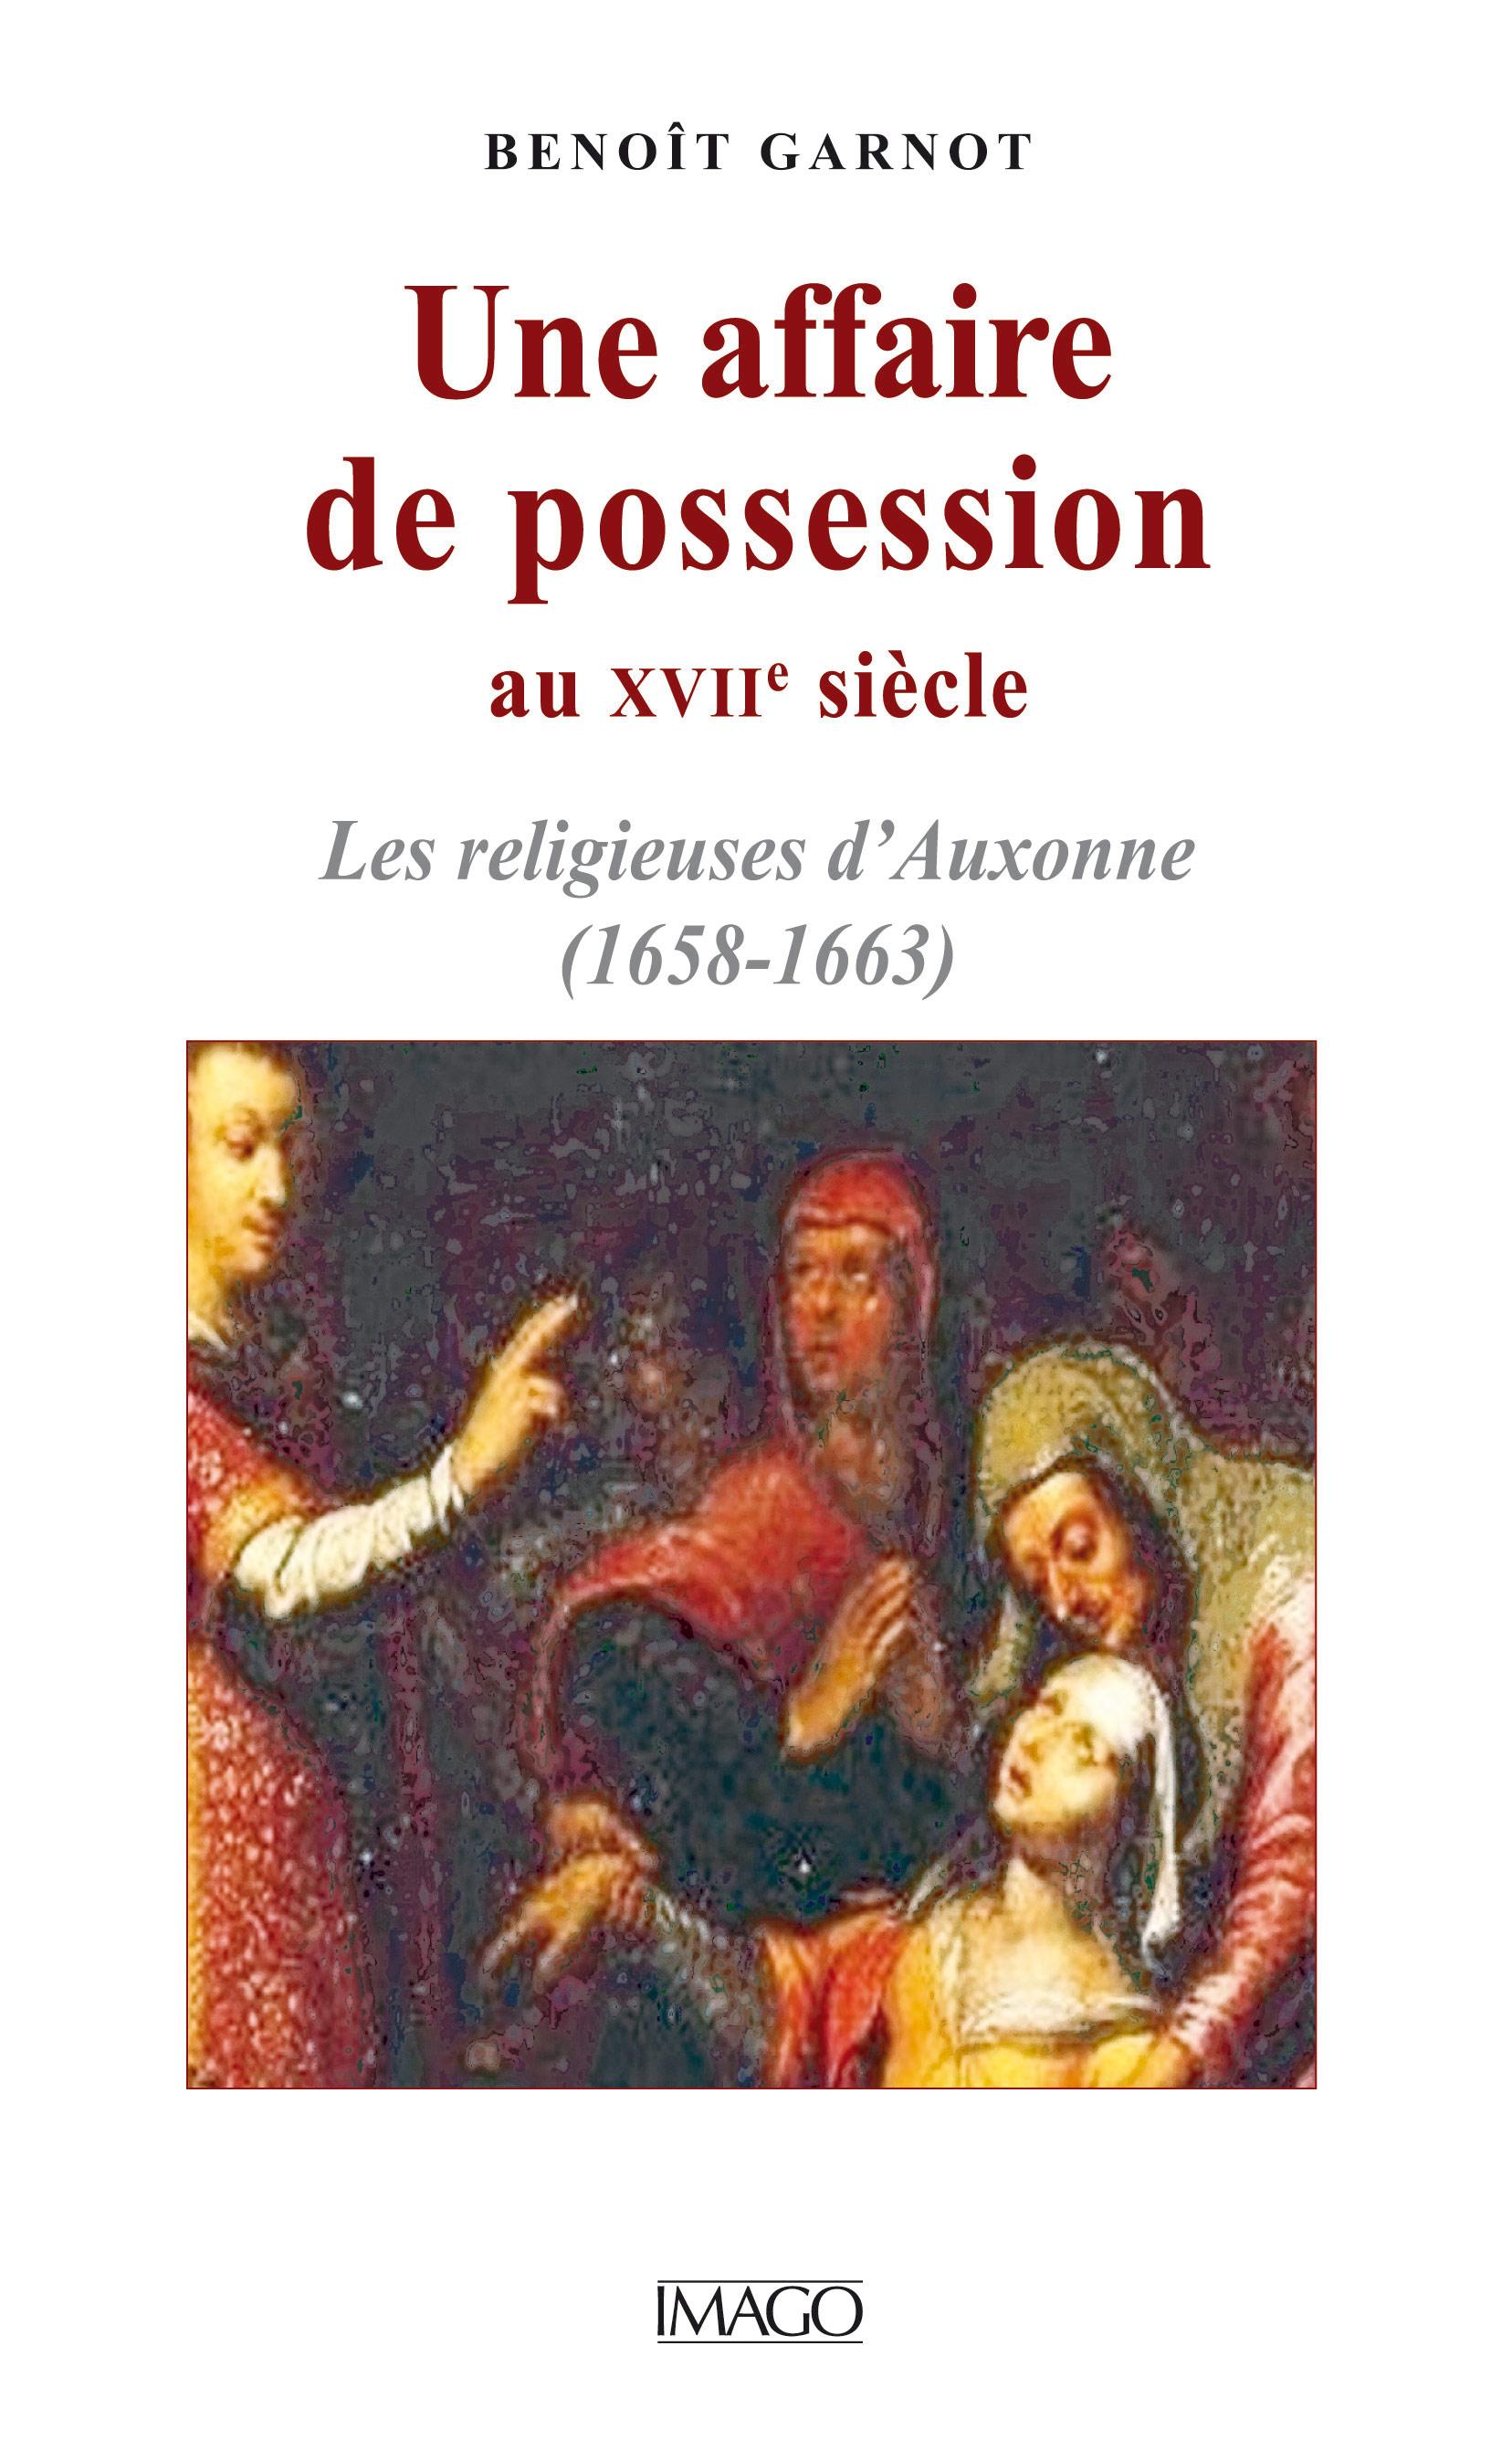 Une affaire de possession au XVII<sup>e</sup> siècle